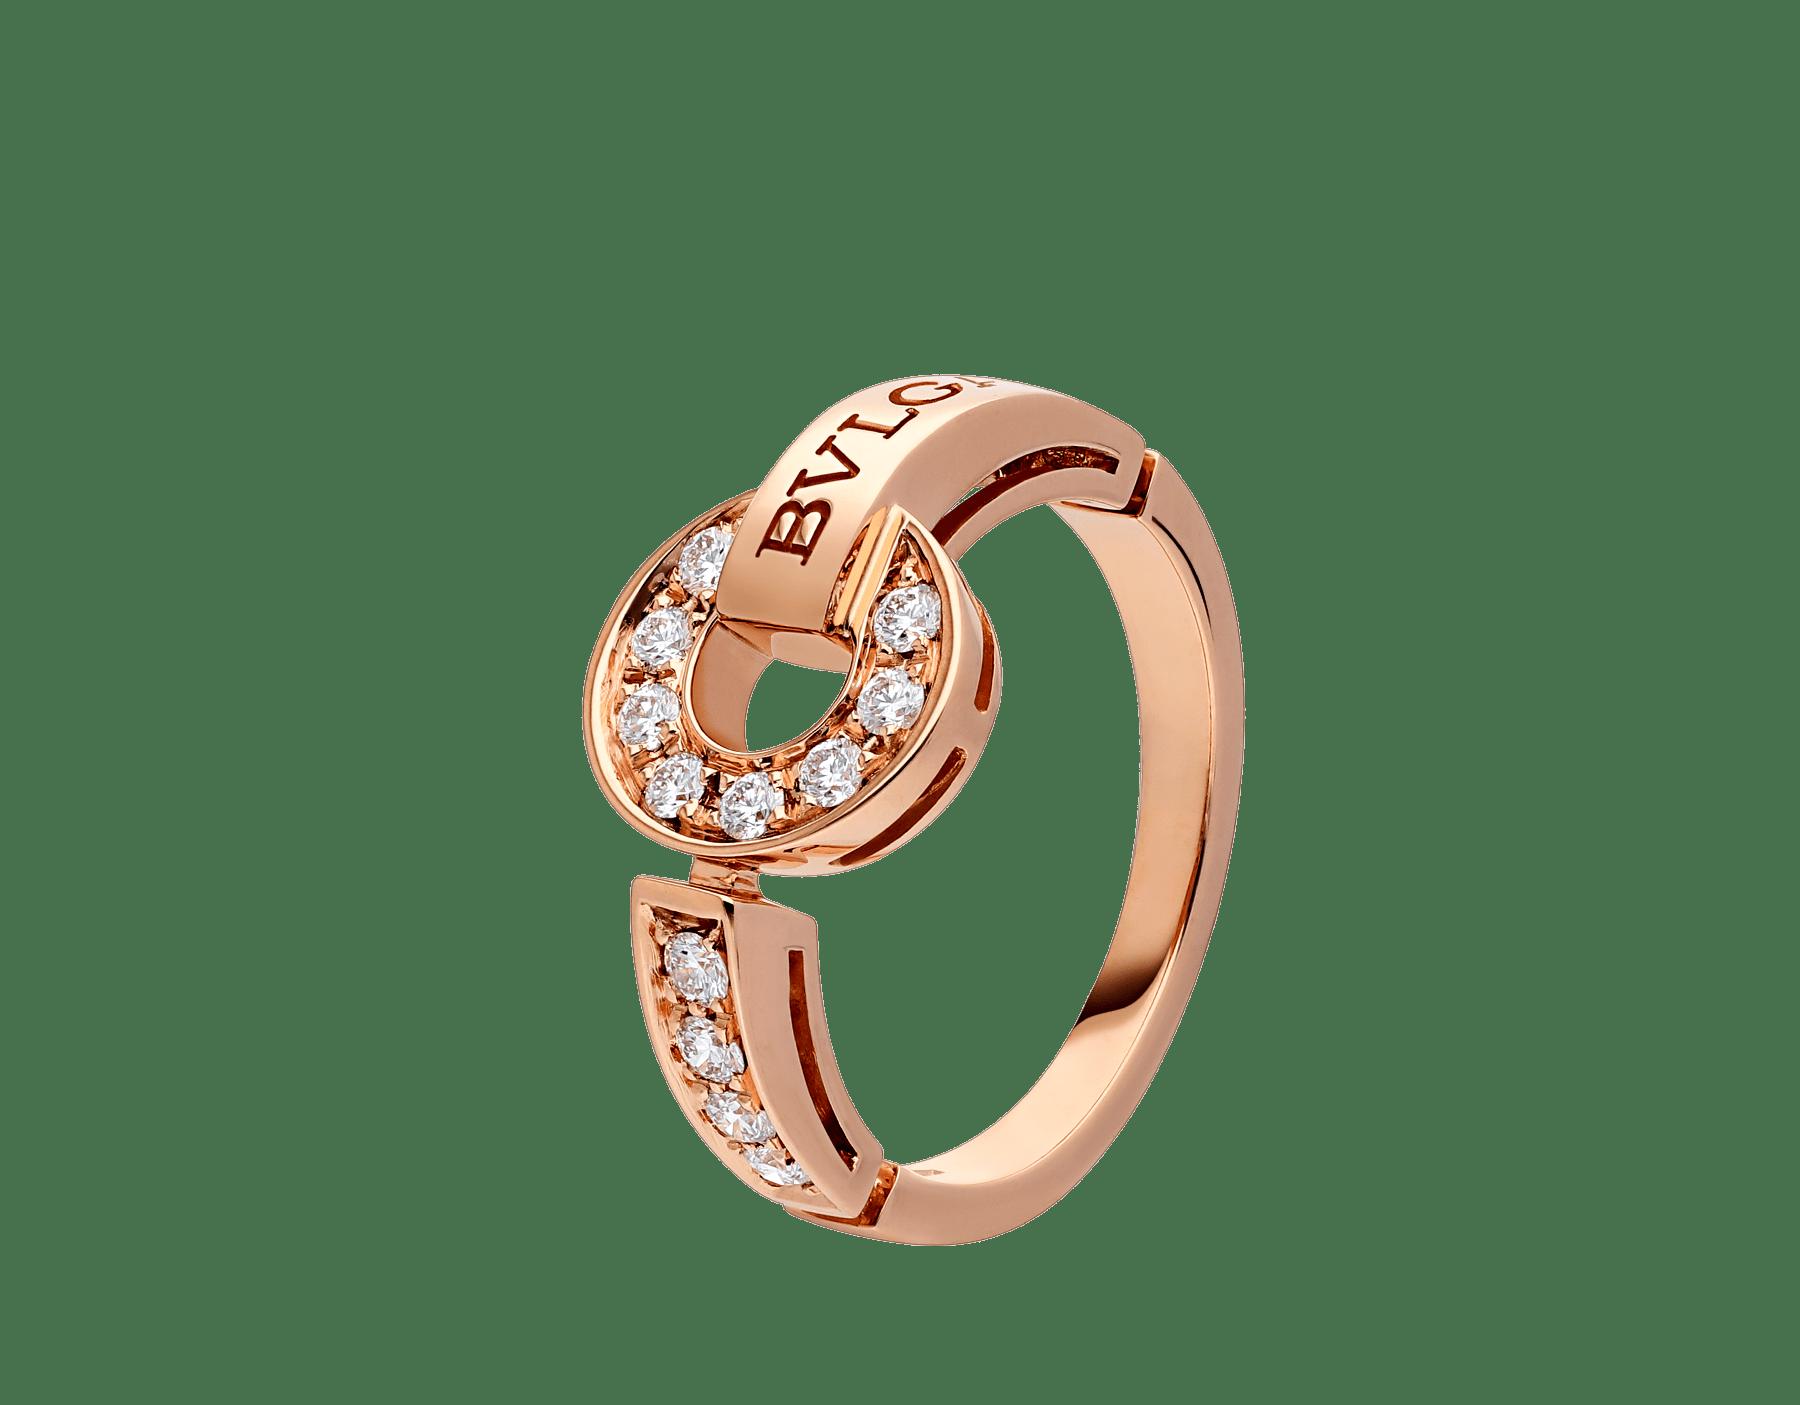 ブルガリ・ブルガリ リング。パヴェダイヤモンドをあしらった18Kピンクゴールド製。 AN855854 image 1